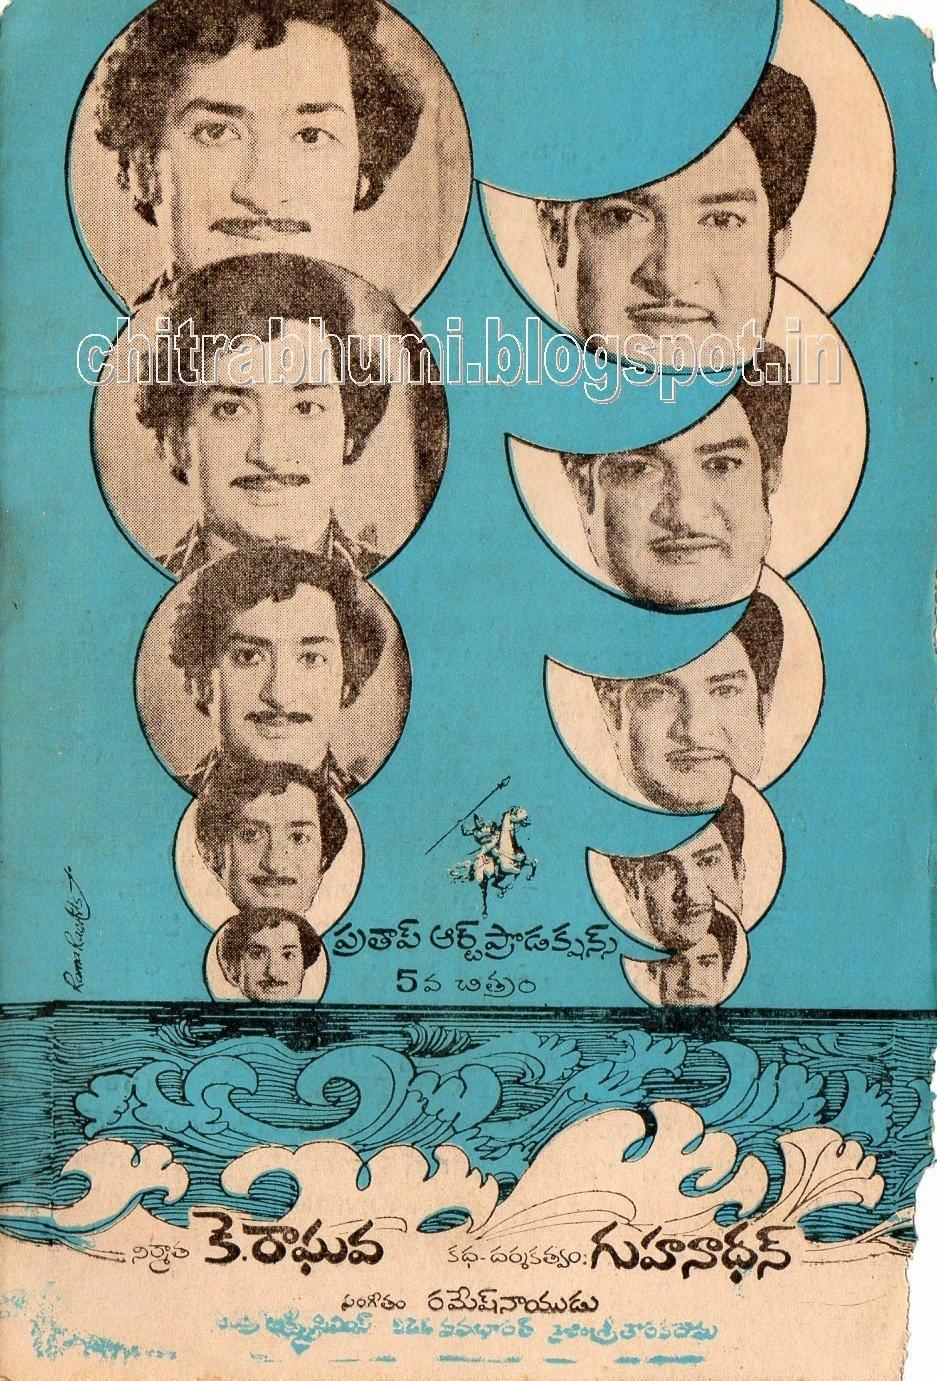 surya chandrulu 1977 songs